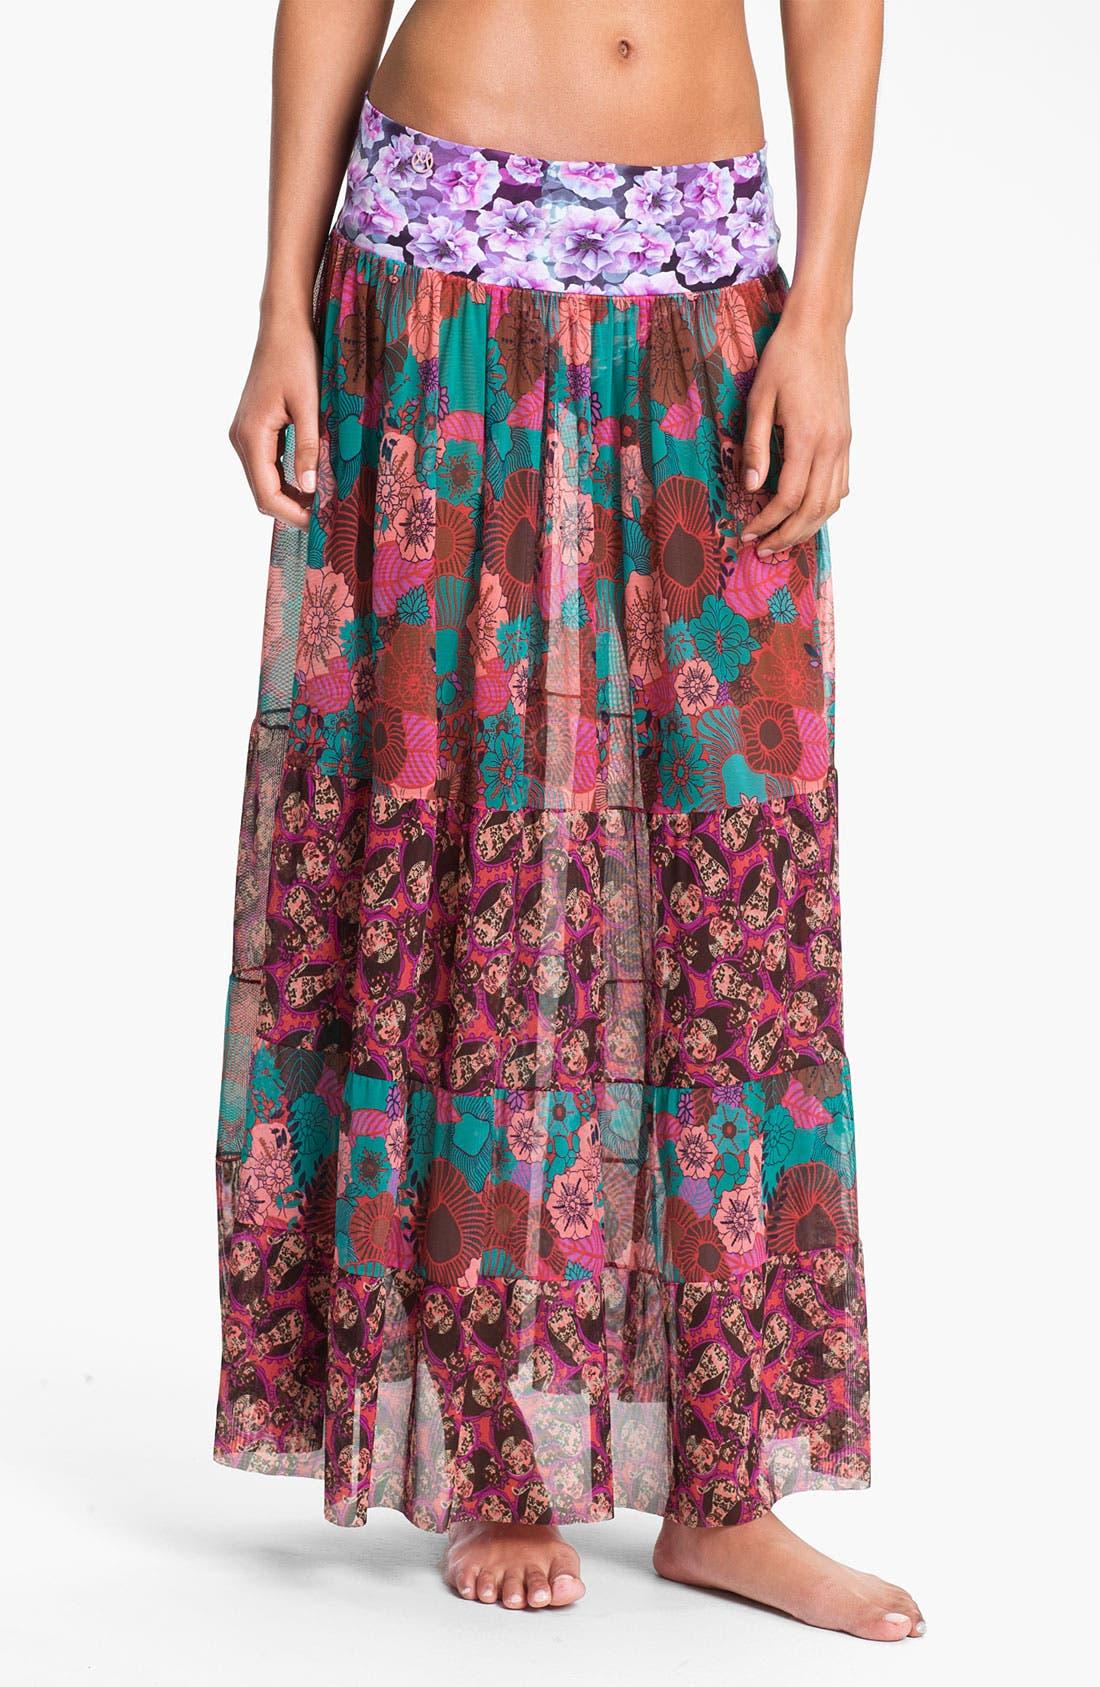 Main Image - Maaji 'Cherry Red Glory' Skirt Cover-Up